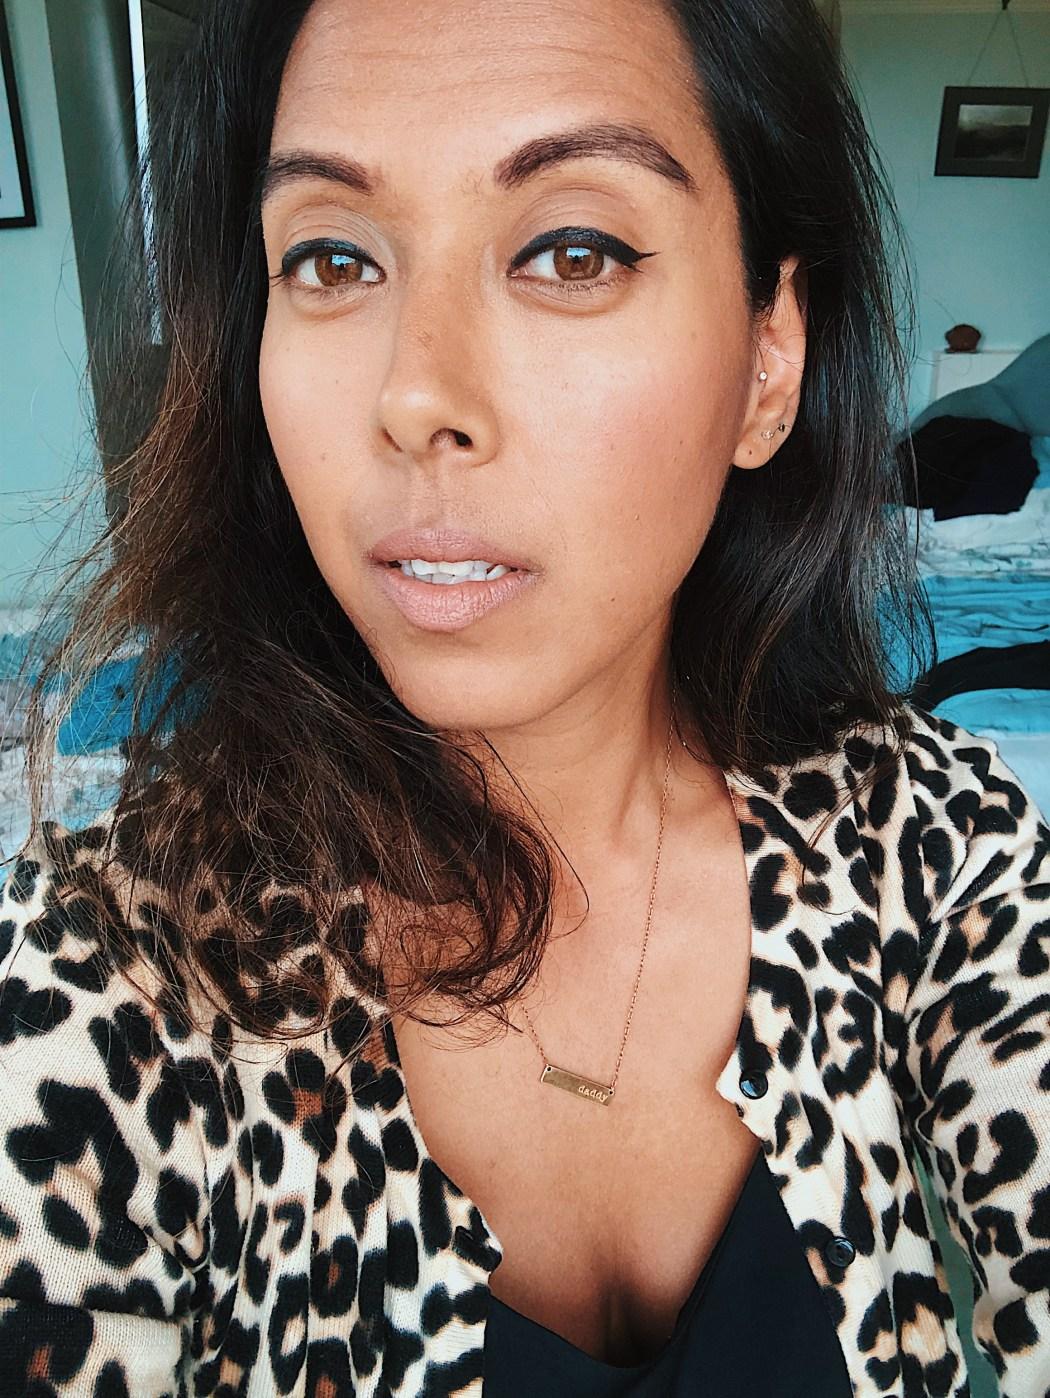 Fatima-Truscott-UK-Blog-Awards-2019-Lifestyle-Winner